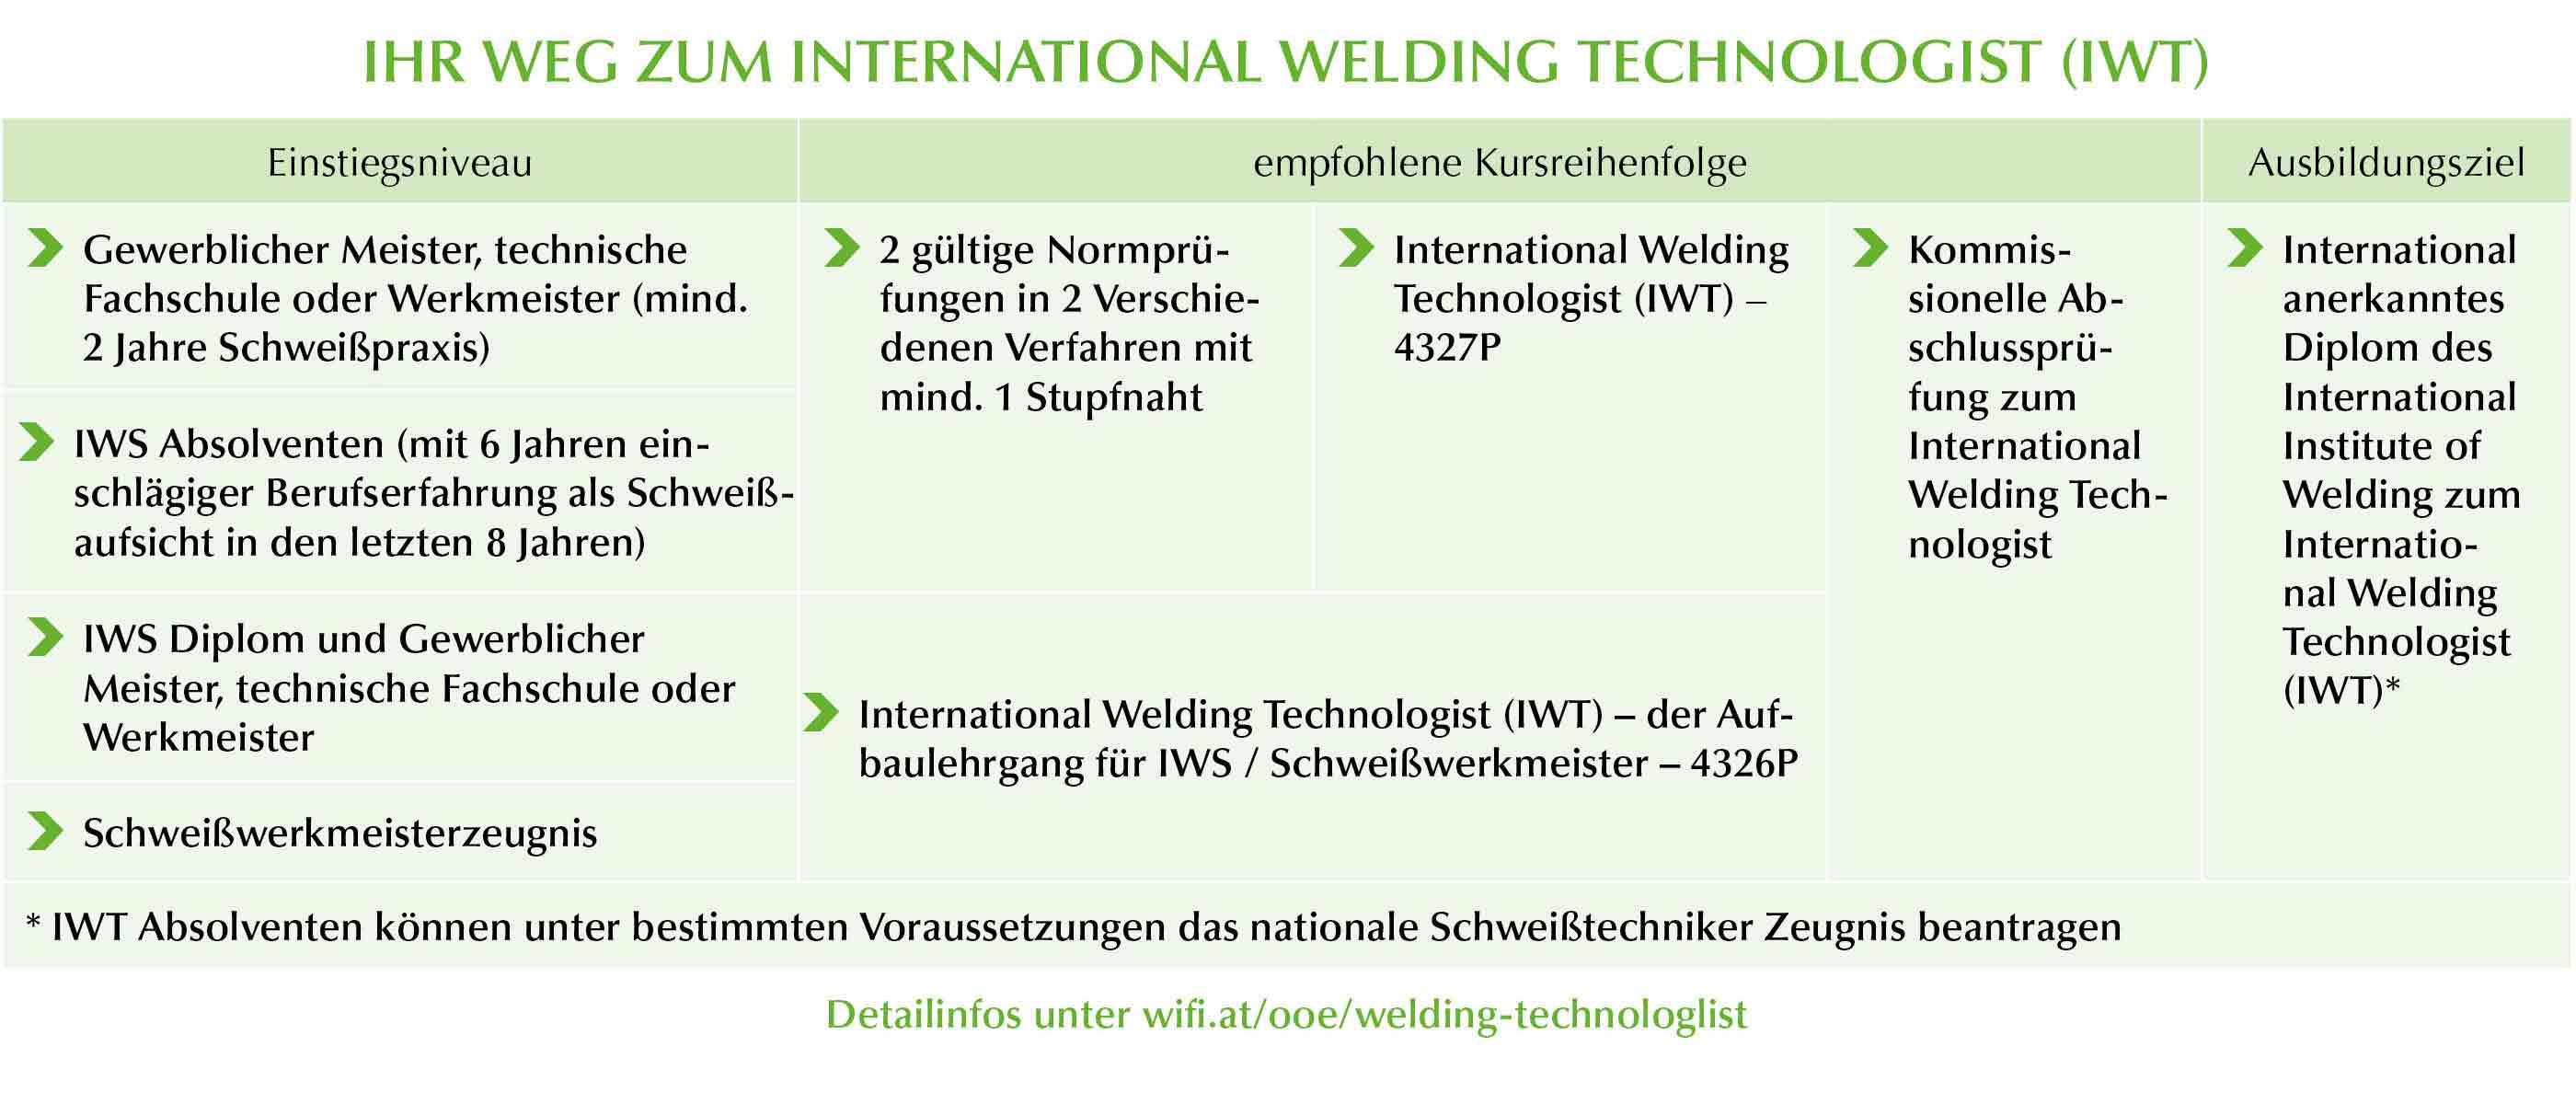 International Welding Technologist